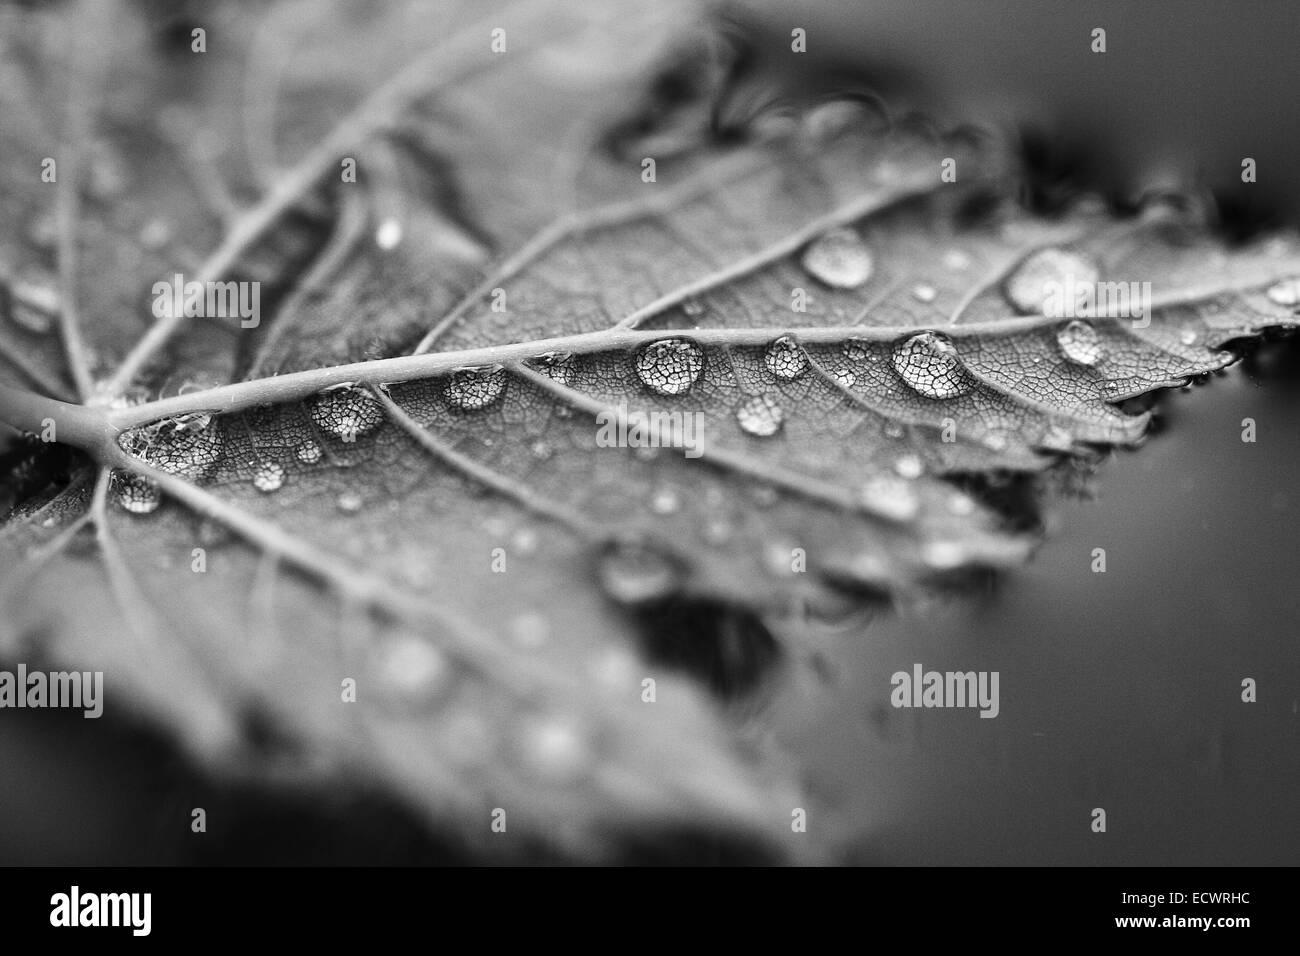 Foglia di acero con gocce d'acqua fluttuante sull'acqua Foto Stock